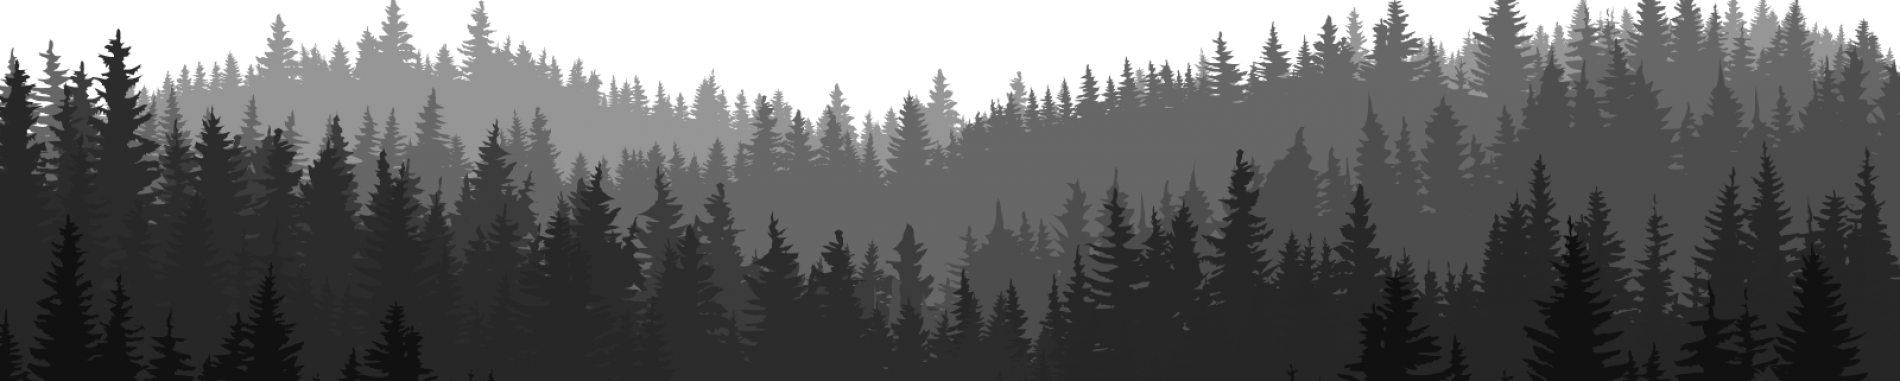 bg_bosque